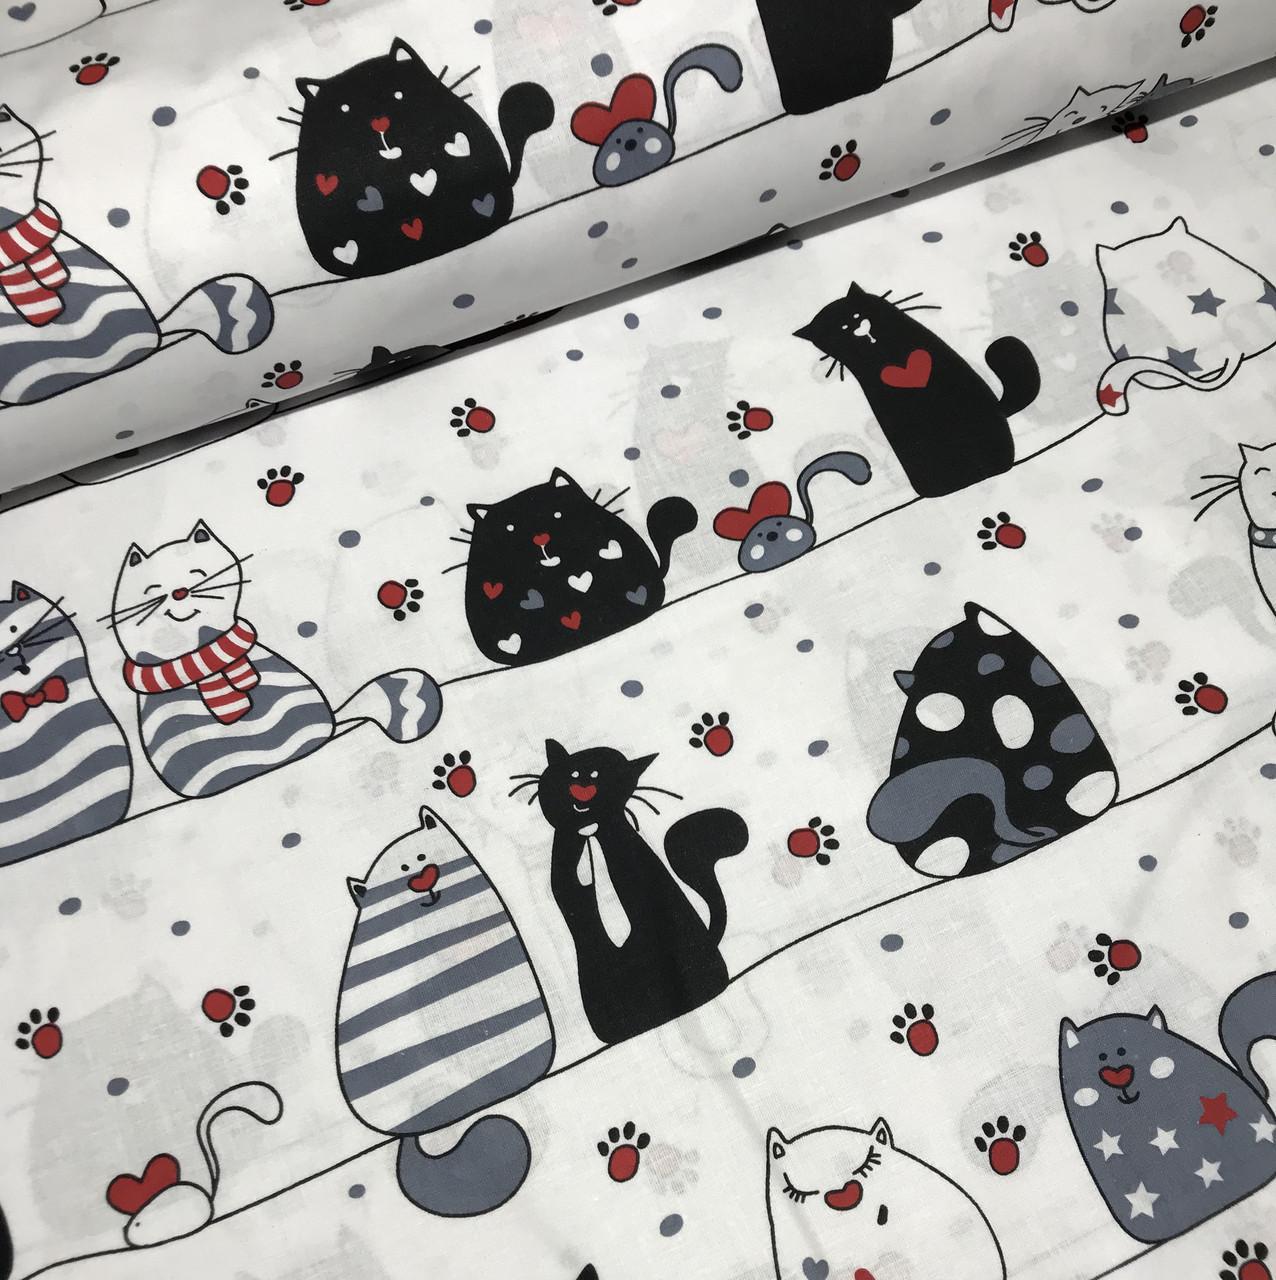 Хлопковая ткань польская коты черные с красным на полоске отрез (размер 1,0*1,6 м)